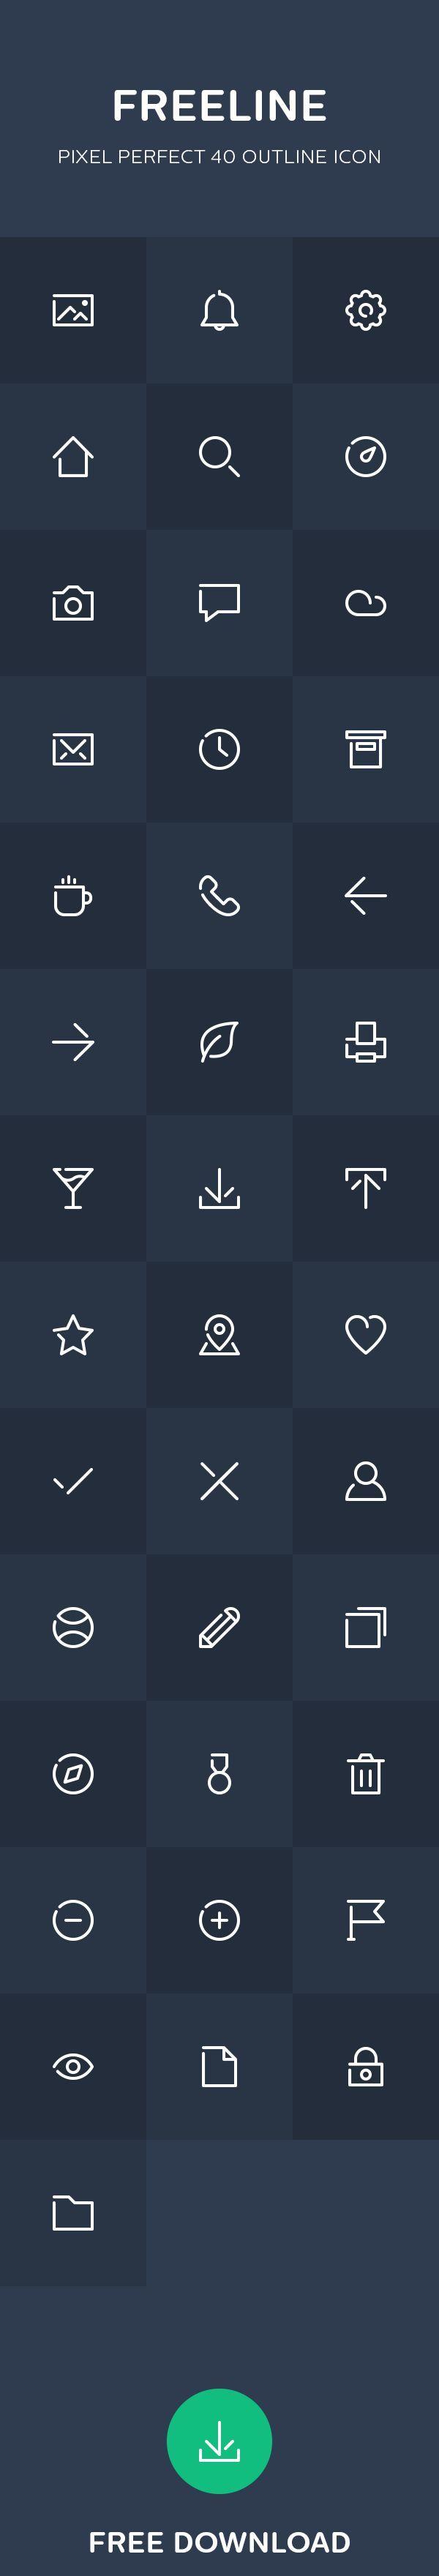 Freeline 40 Free Outline Icon On Behance Iconos App Icon